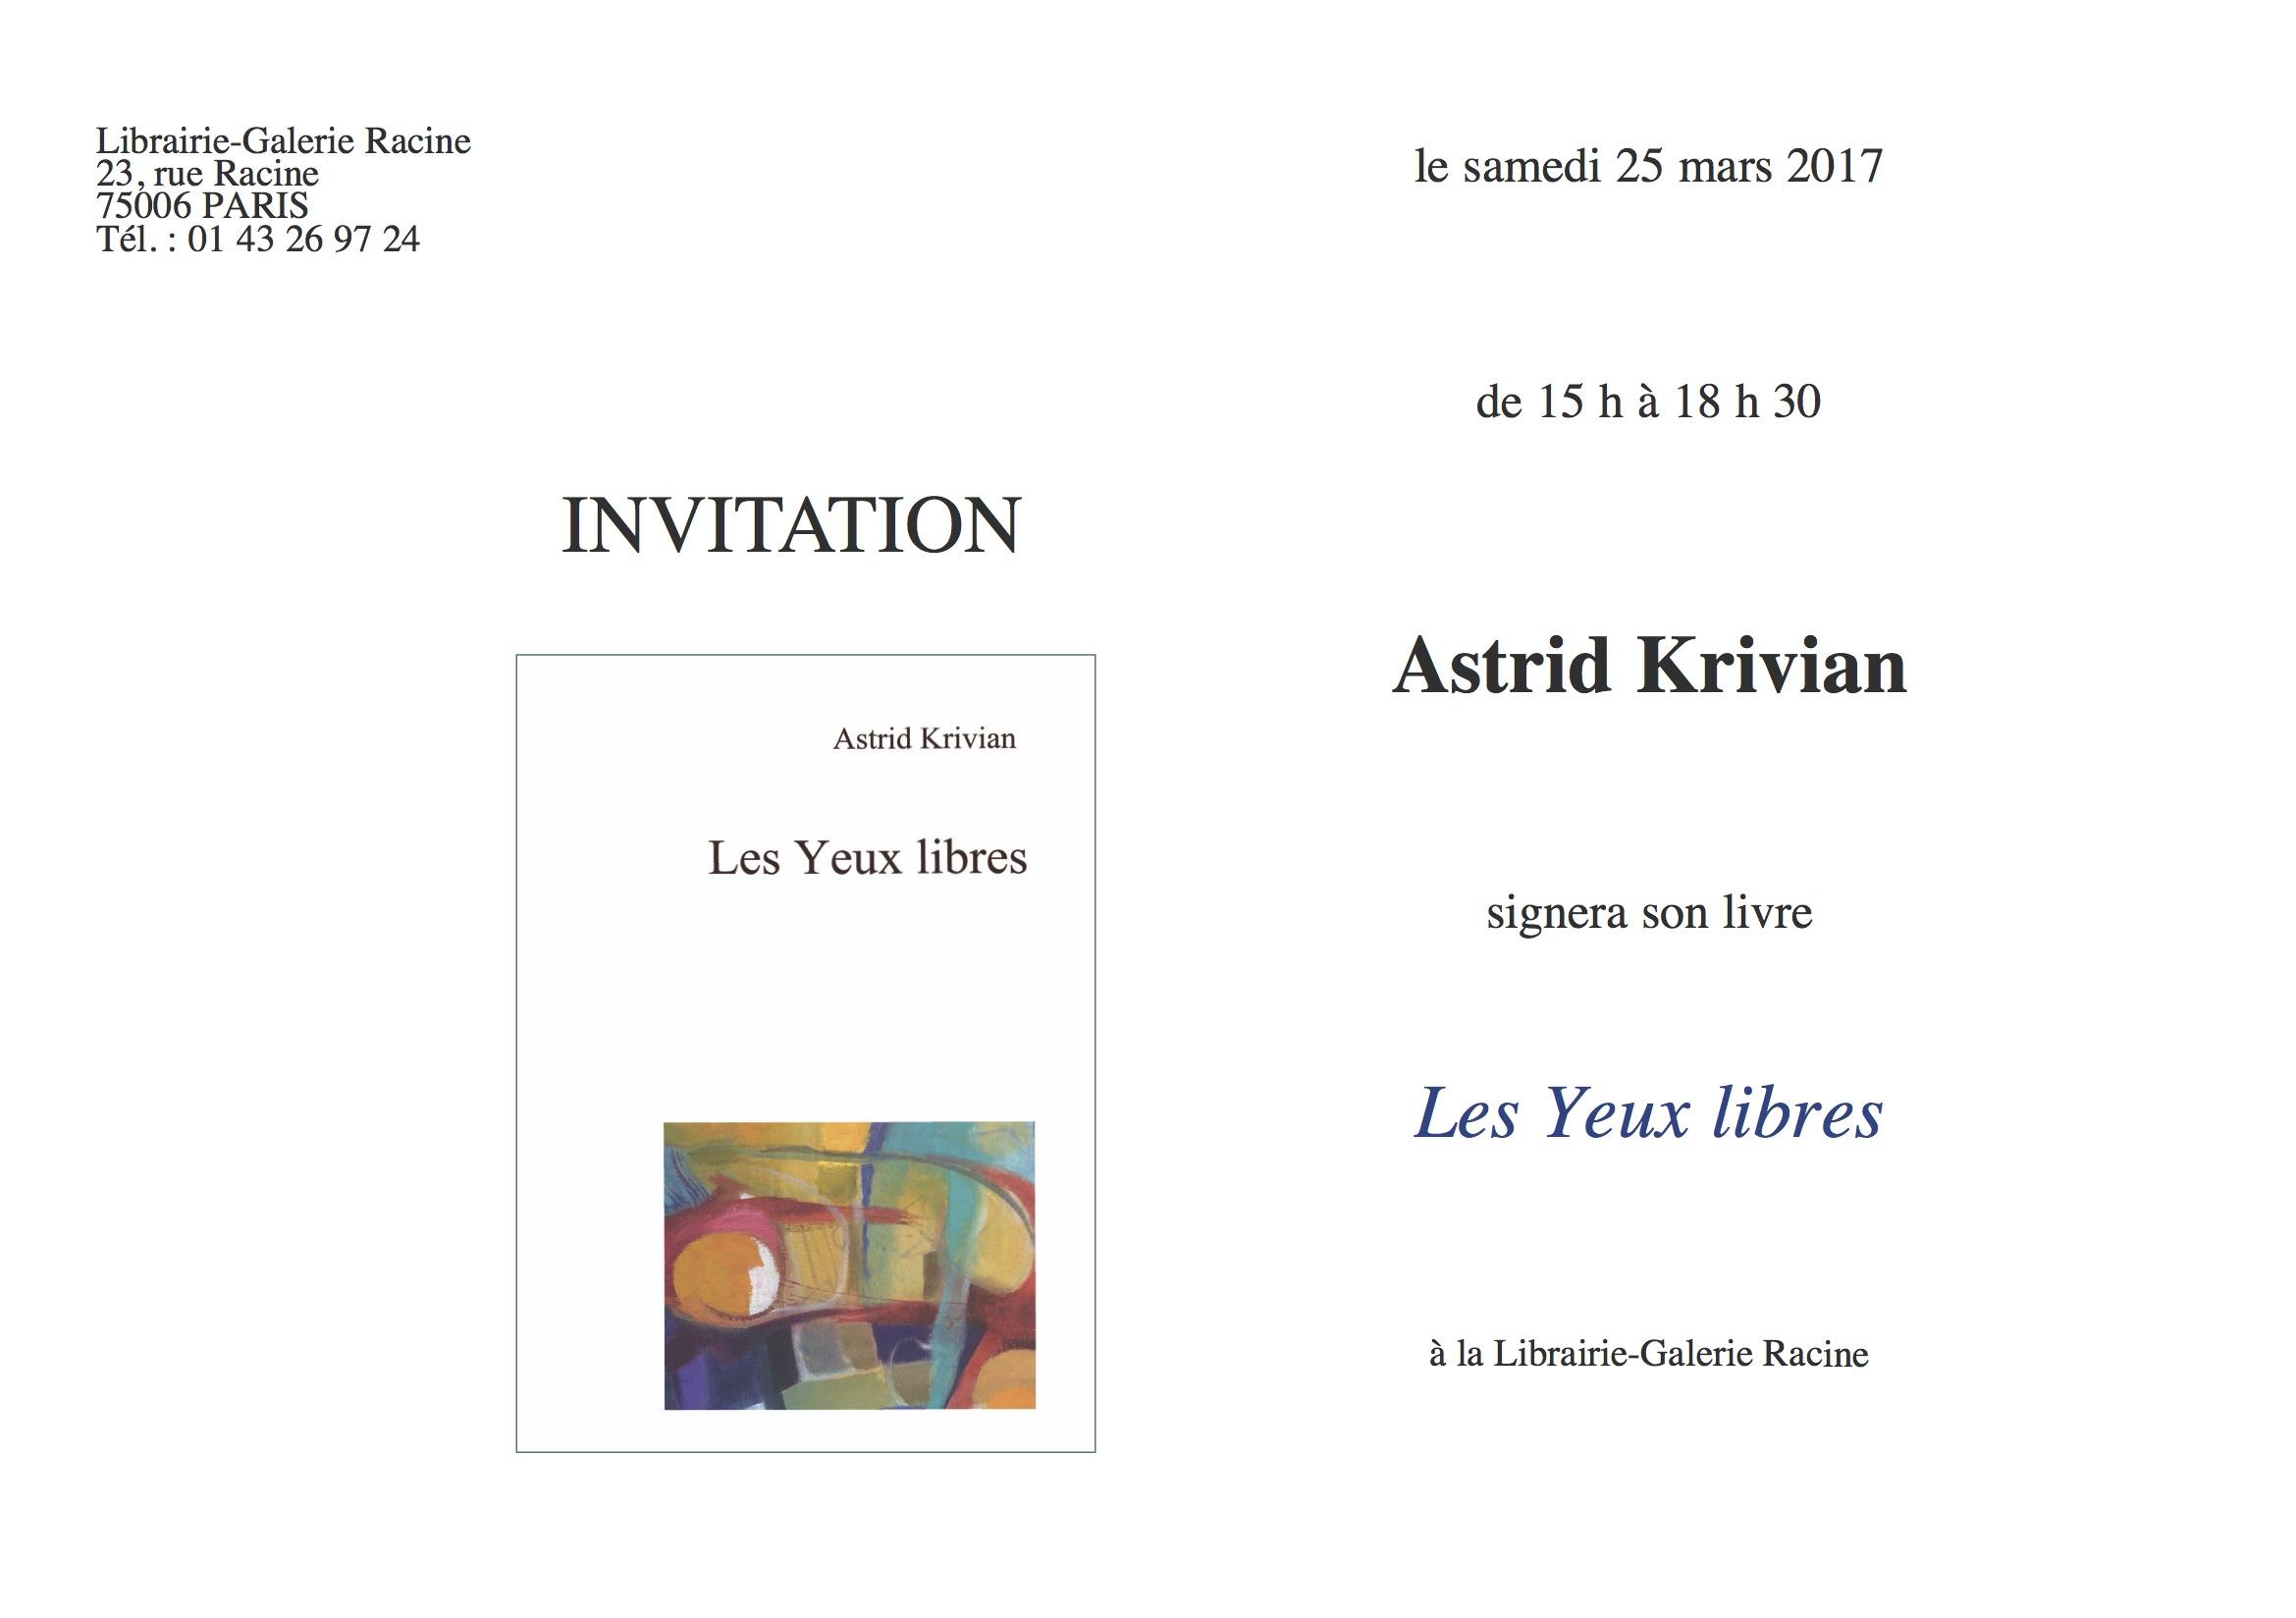 Signature Astrid Krivian - Les yeux libres